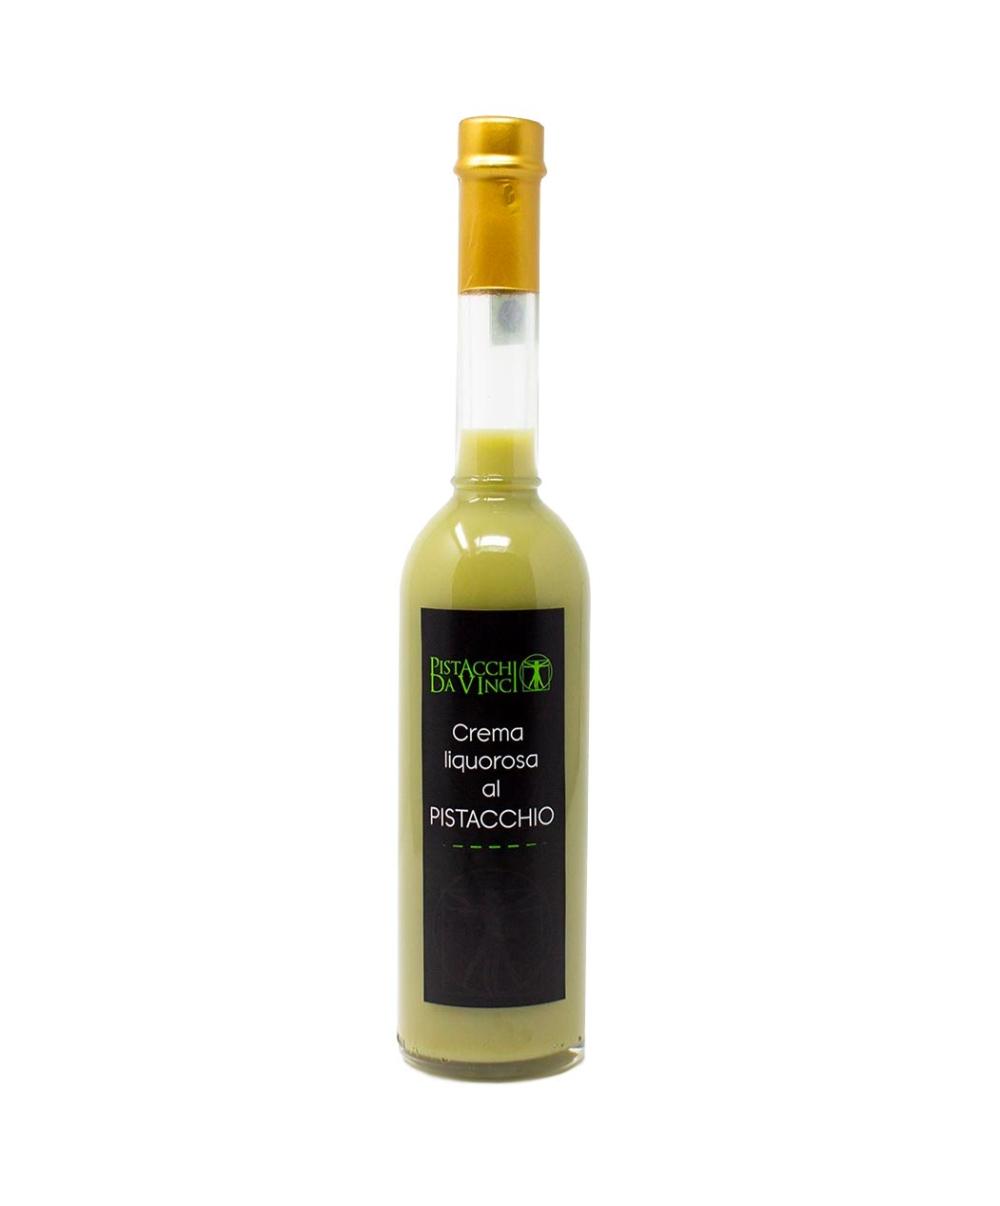 Liquore di Pistacchio - Pistacchi Da Vinci Bronte